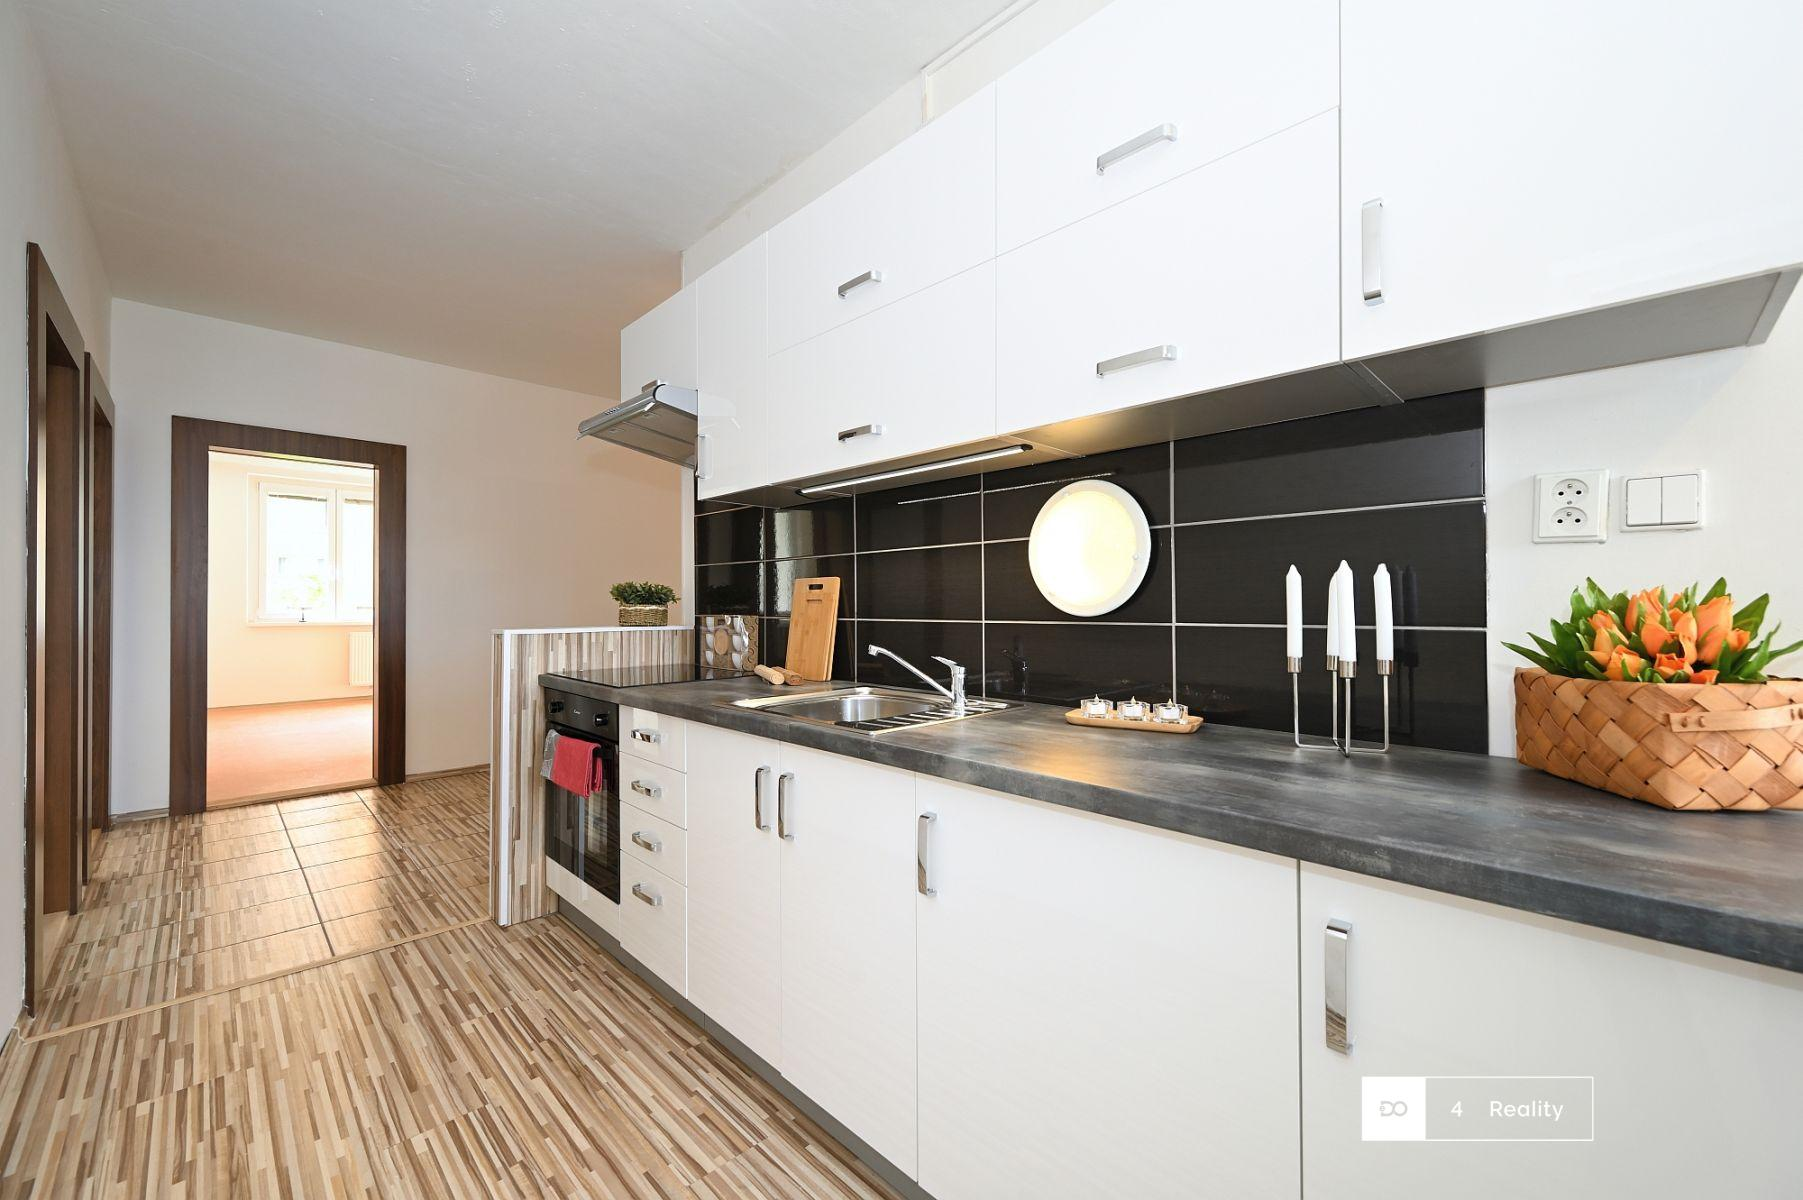 Pronájem prostorného bytu 4+1/L, 77 m2, Jirkov, Studentská